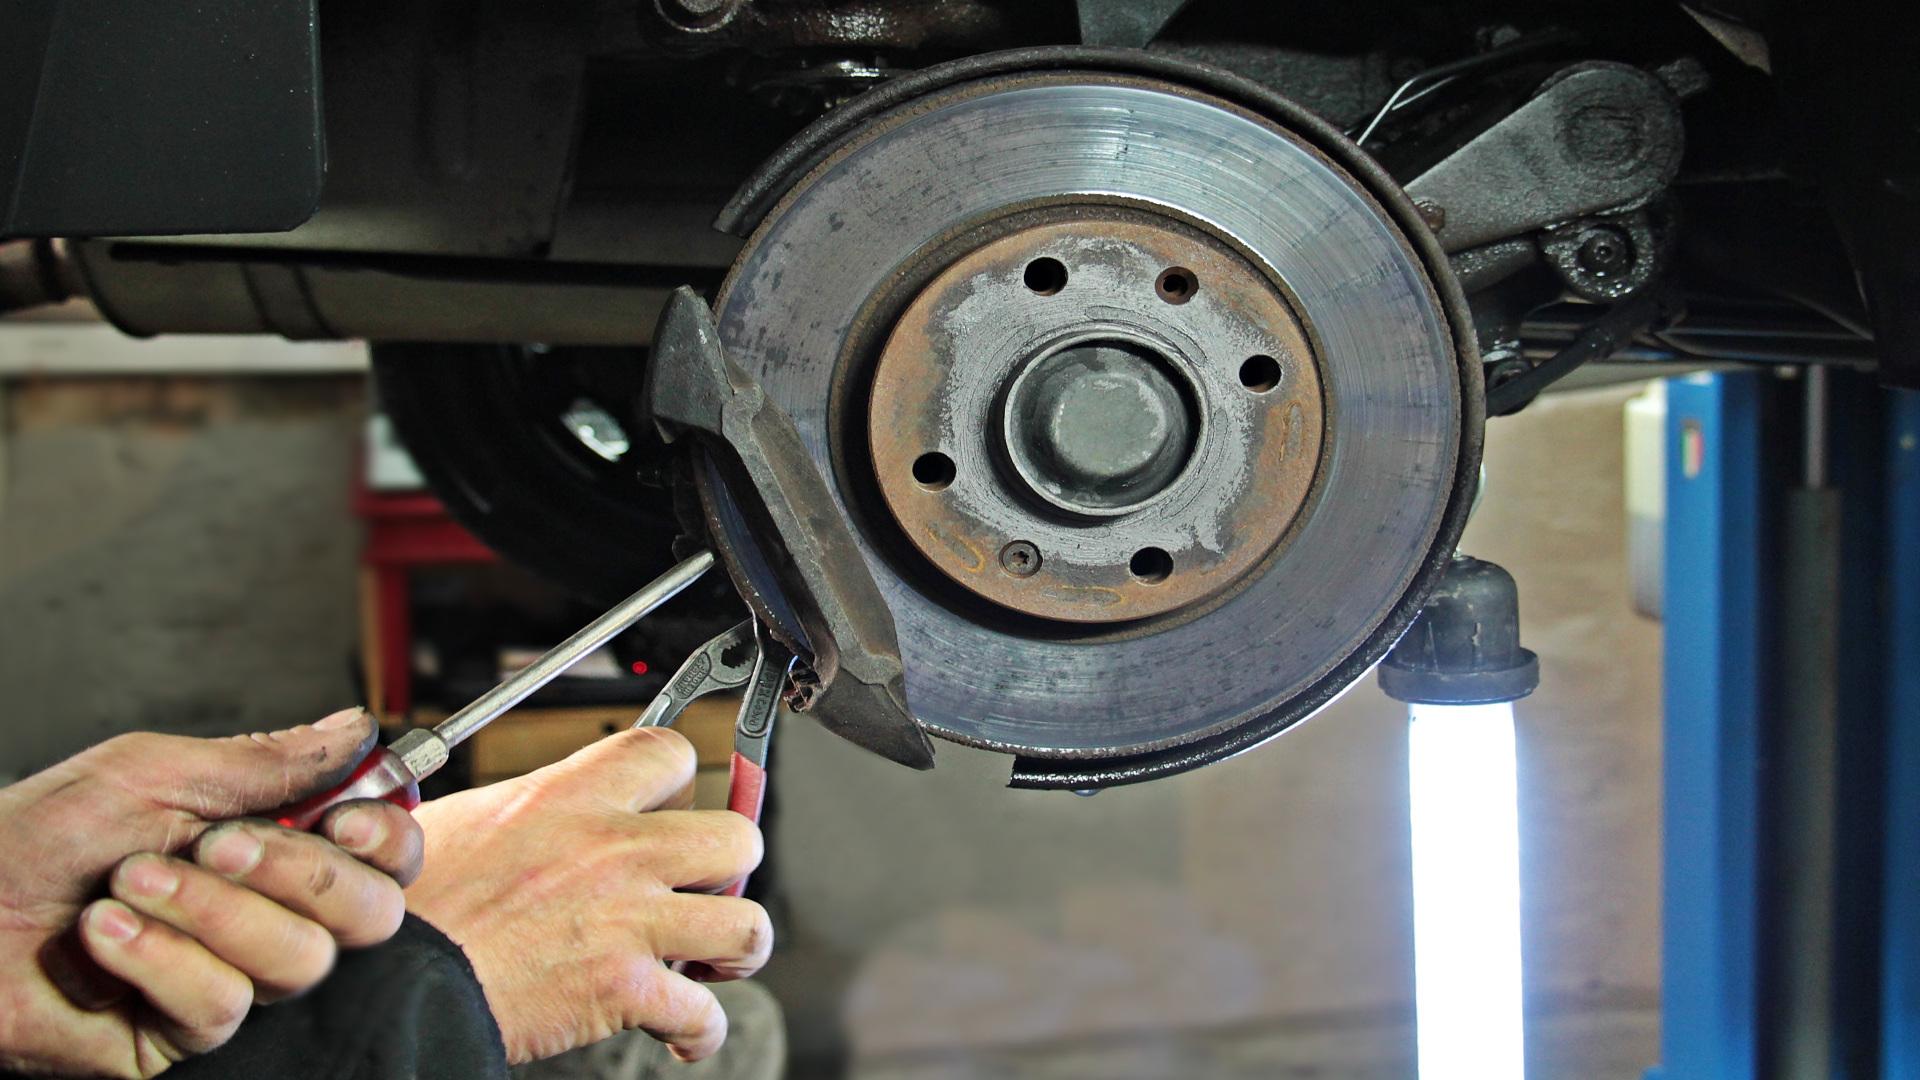 Los coches que no pasen la ITV tendrán que identificar el taller reparador1920